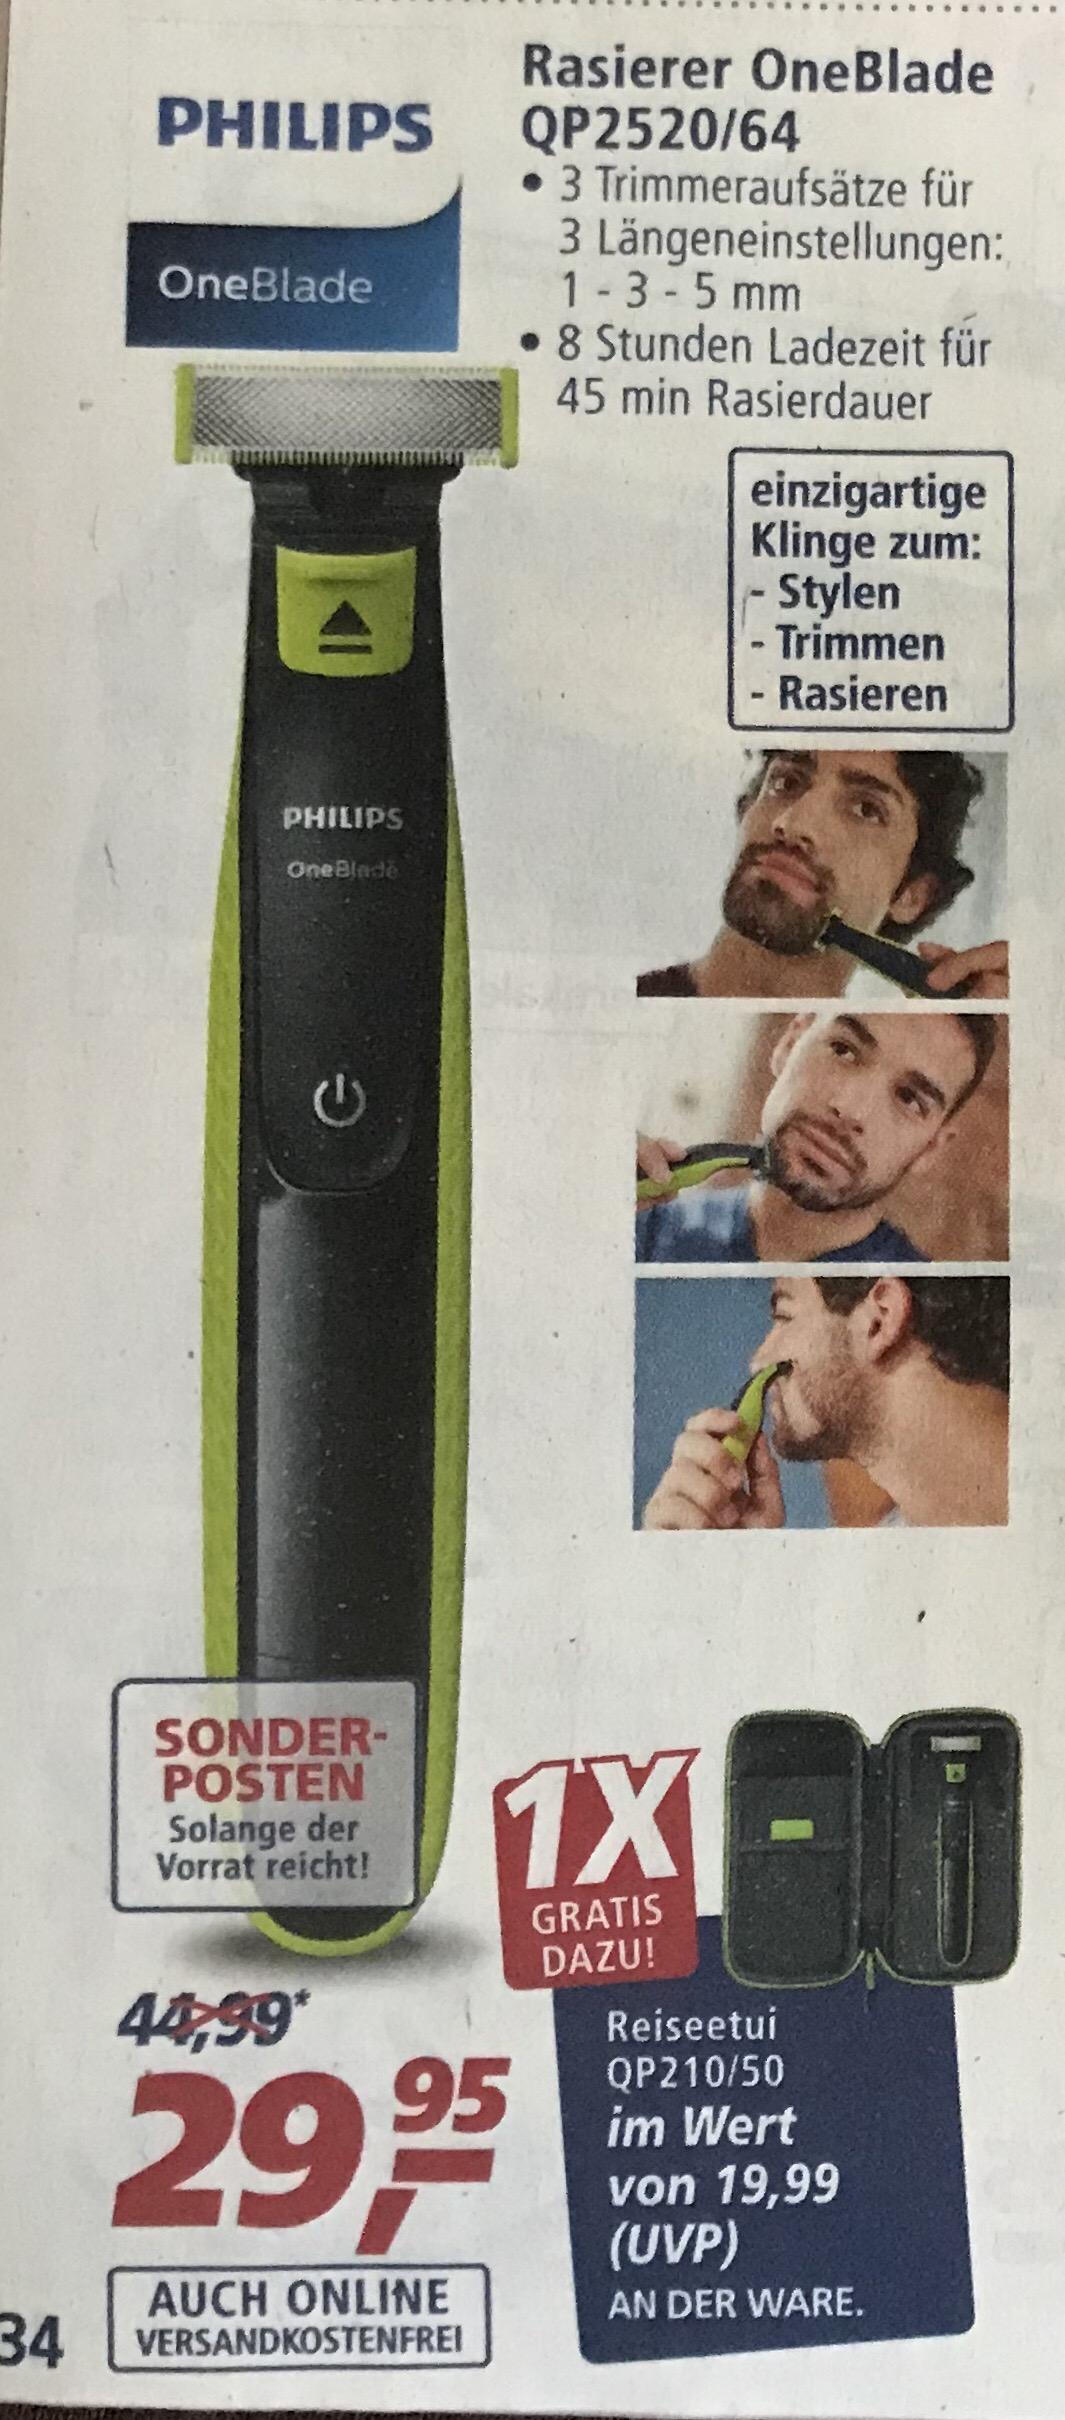 (Real ab 22.05.18) Philips OneBlade QP2520/64 für 29,95 EUR plus Reiseetui QP210/50 im Wert von 19,69 EUR gratis dazu